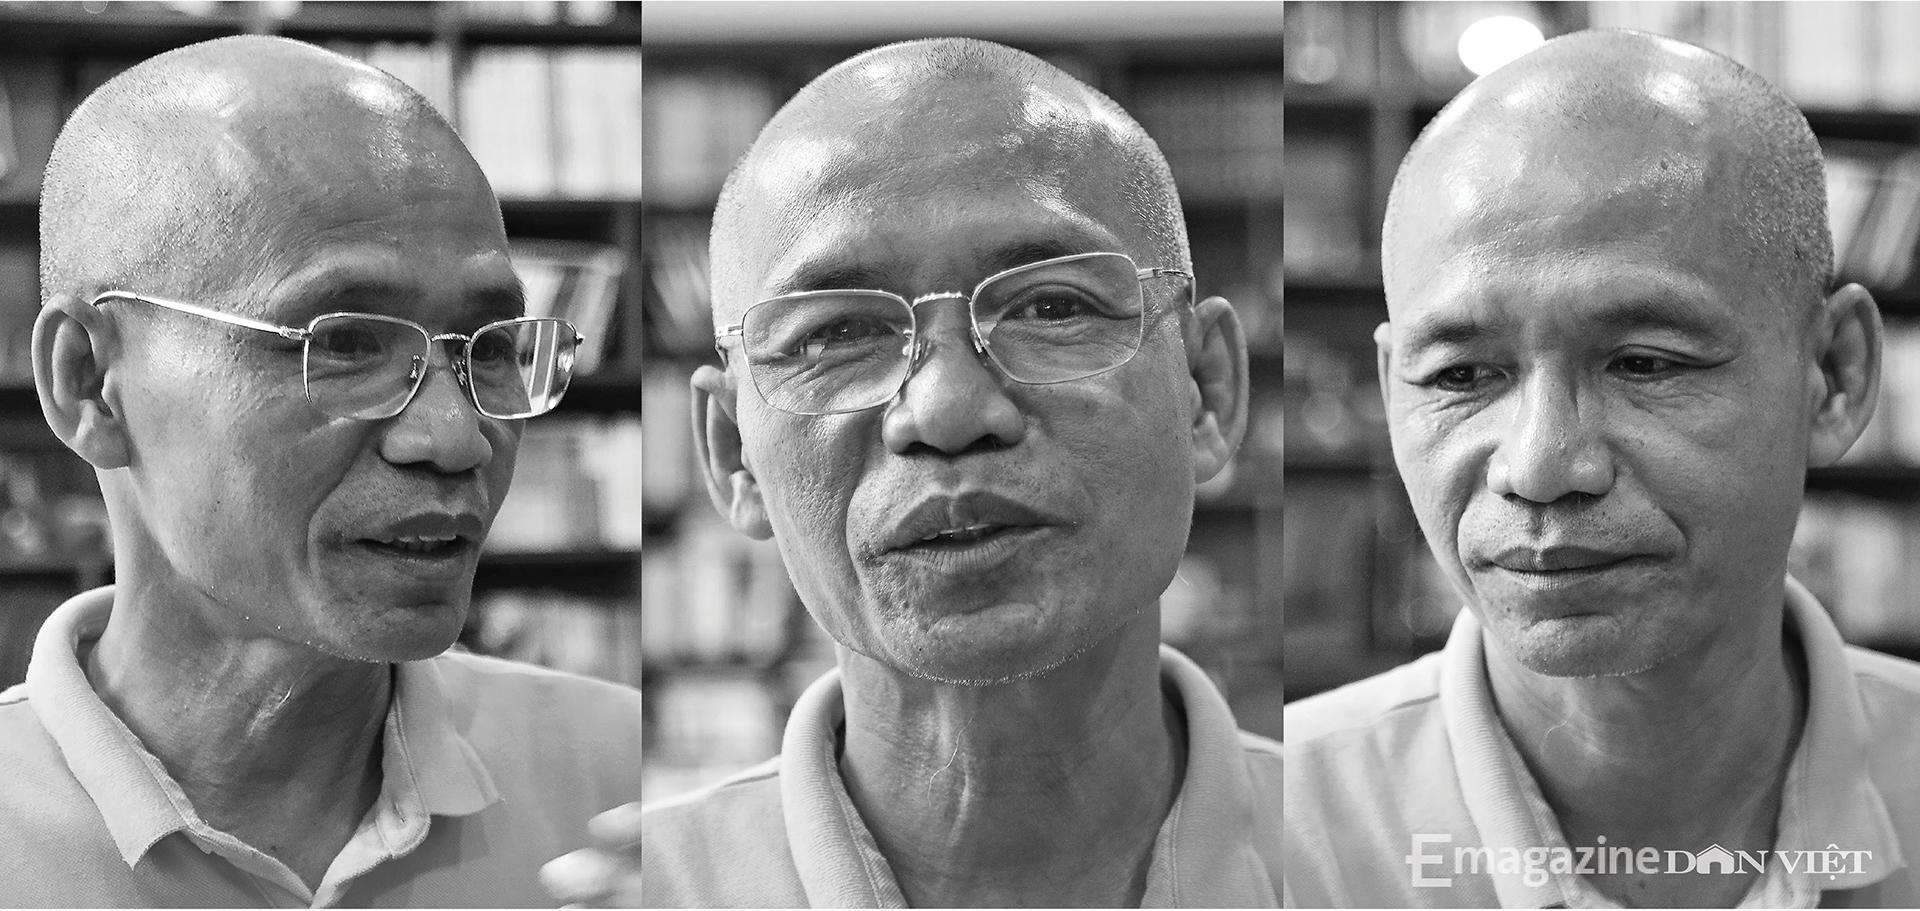 """Đại gia đi tu Nguyễn Mạnh Hùng: """"Nhiều người giàu có, nổi tiếng, thành đạt luôn bất an, tôi trải qua nên biết điều đó"""" - Ảnh 6."""